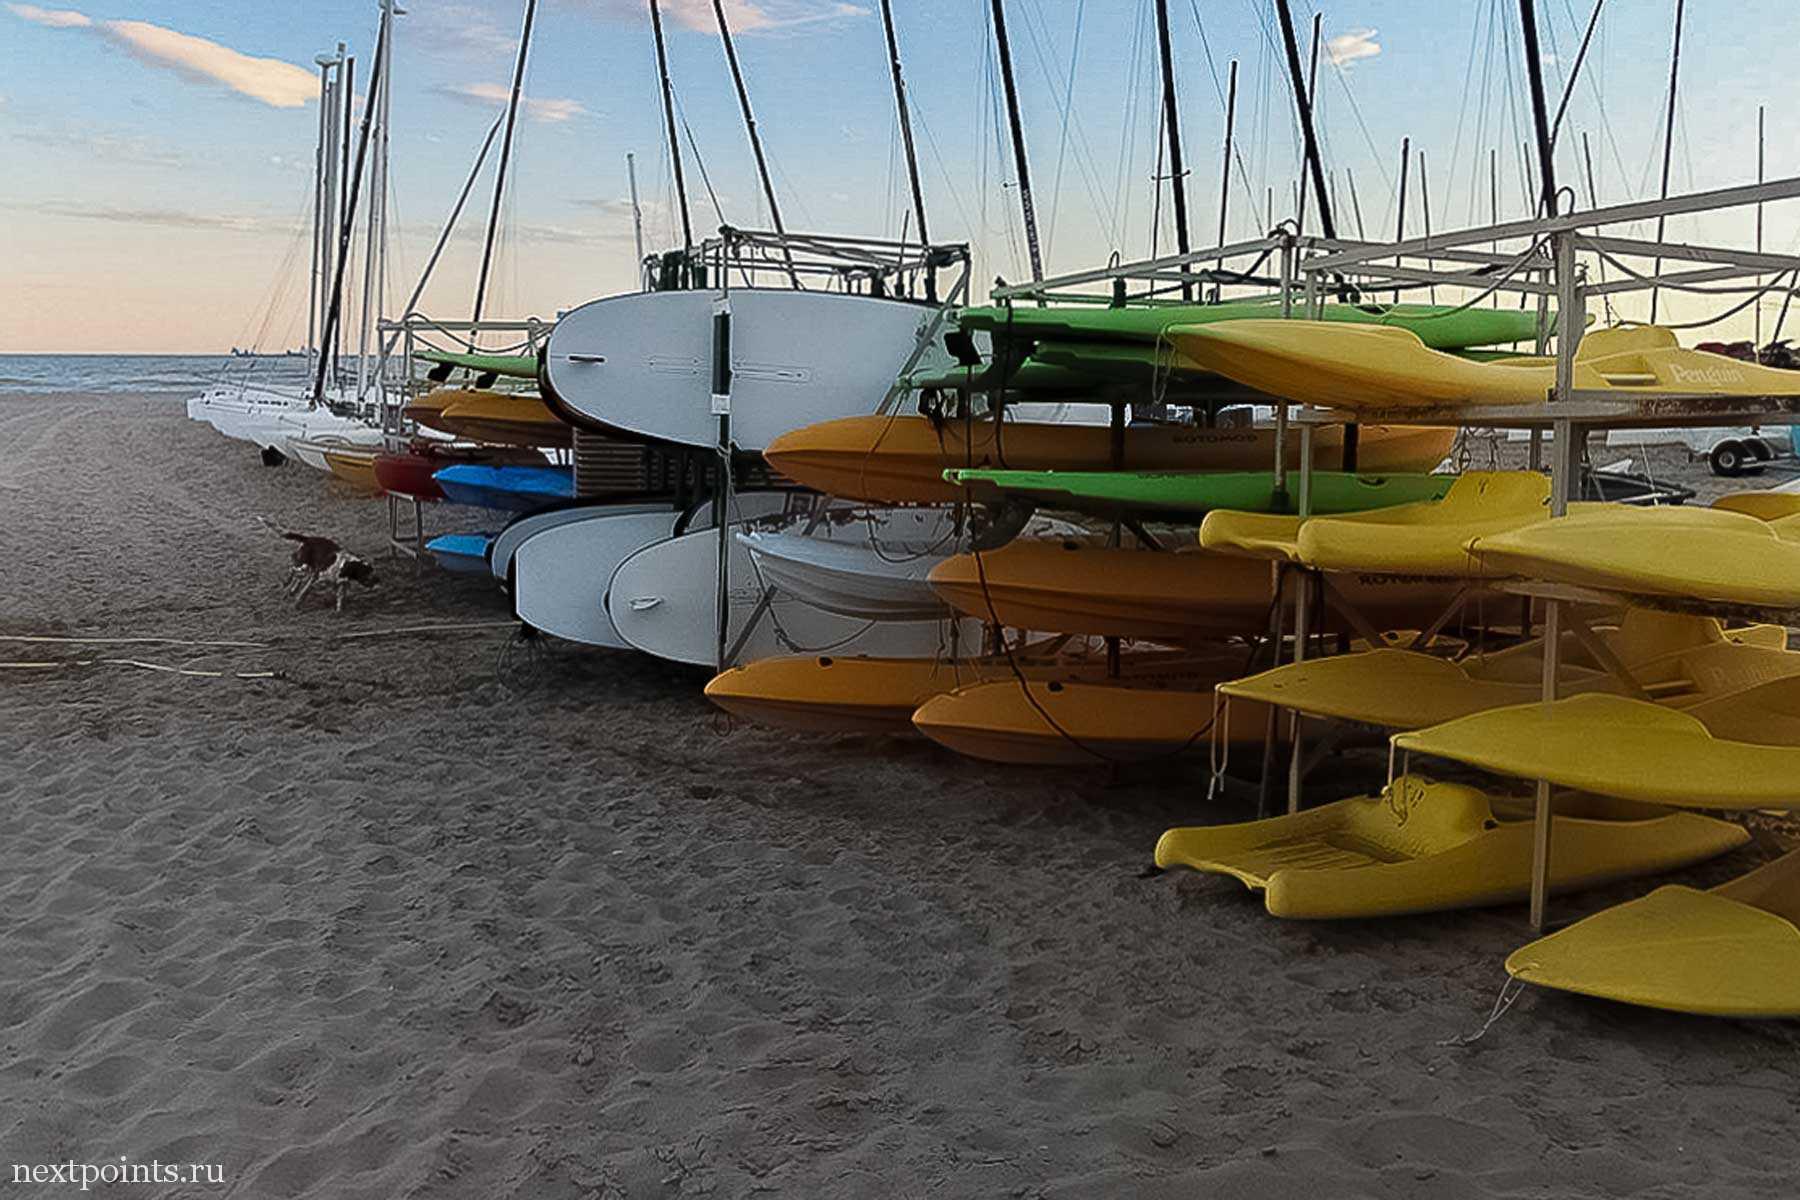 Между лодками собаки решили поиграть в догонялки. Высунув языки, они носились, не замечая прохожих.